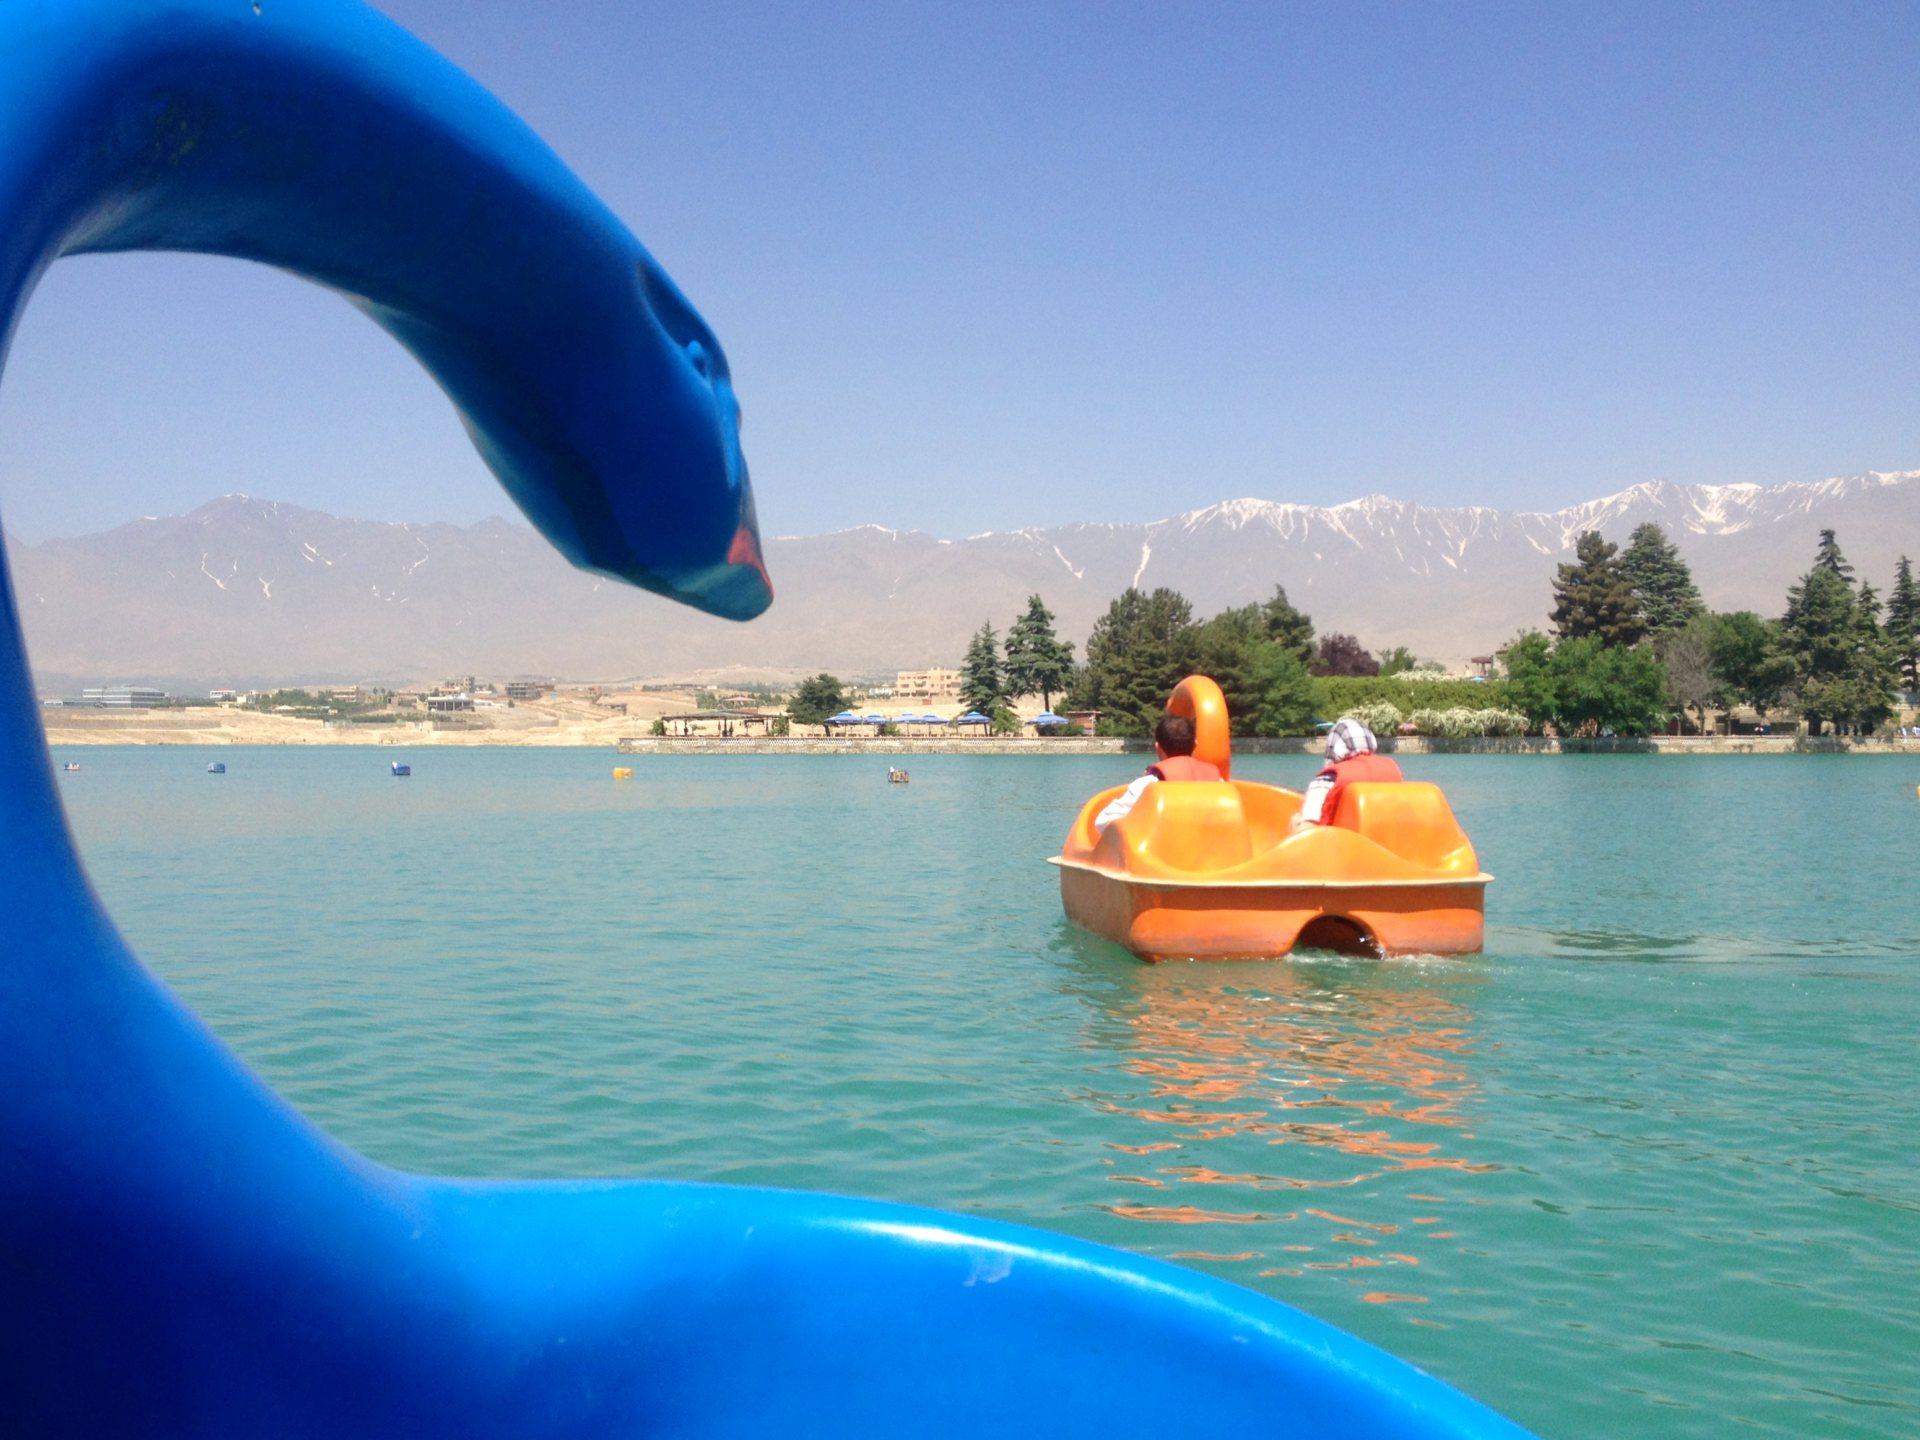 Przed nami pomarańczowy łabędź i widok na góry okalające Kabul